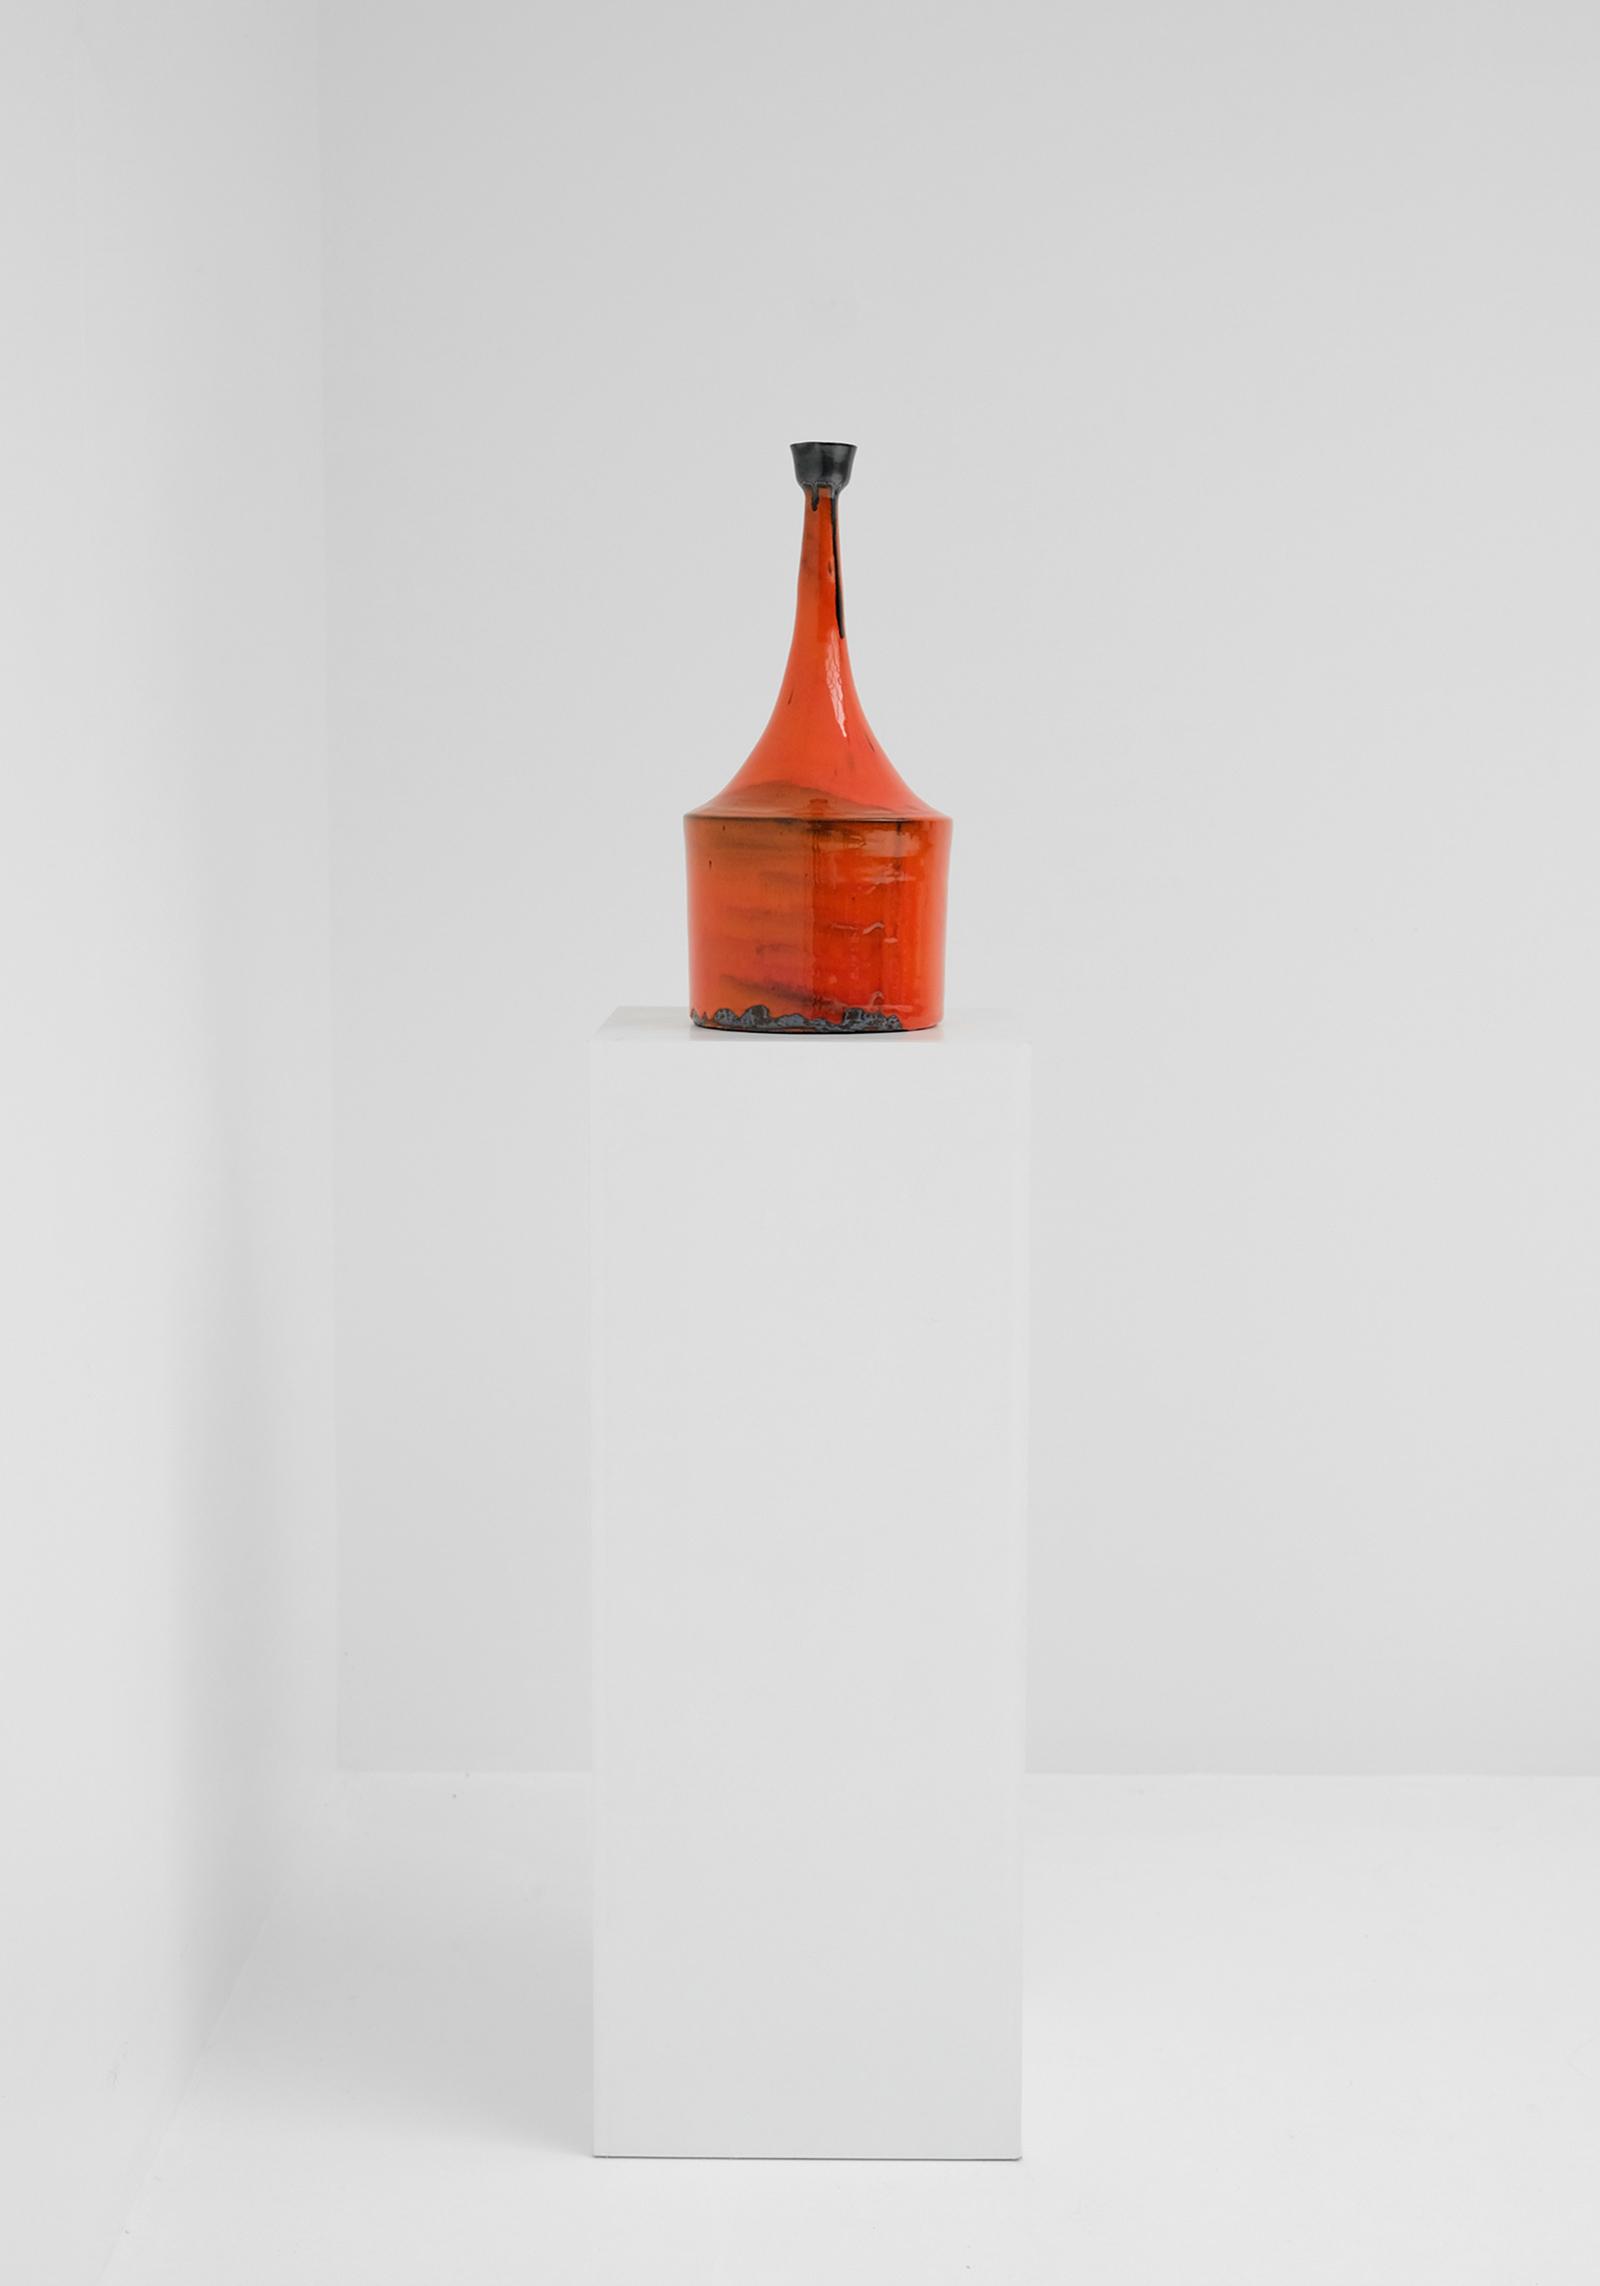 Orange Ceramic Vase 60simage 1